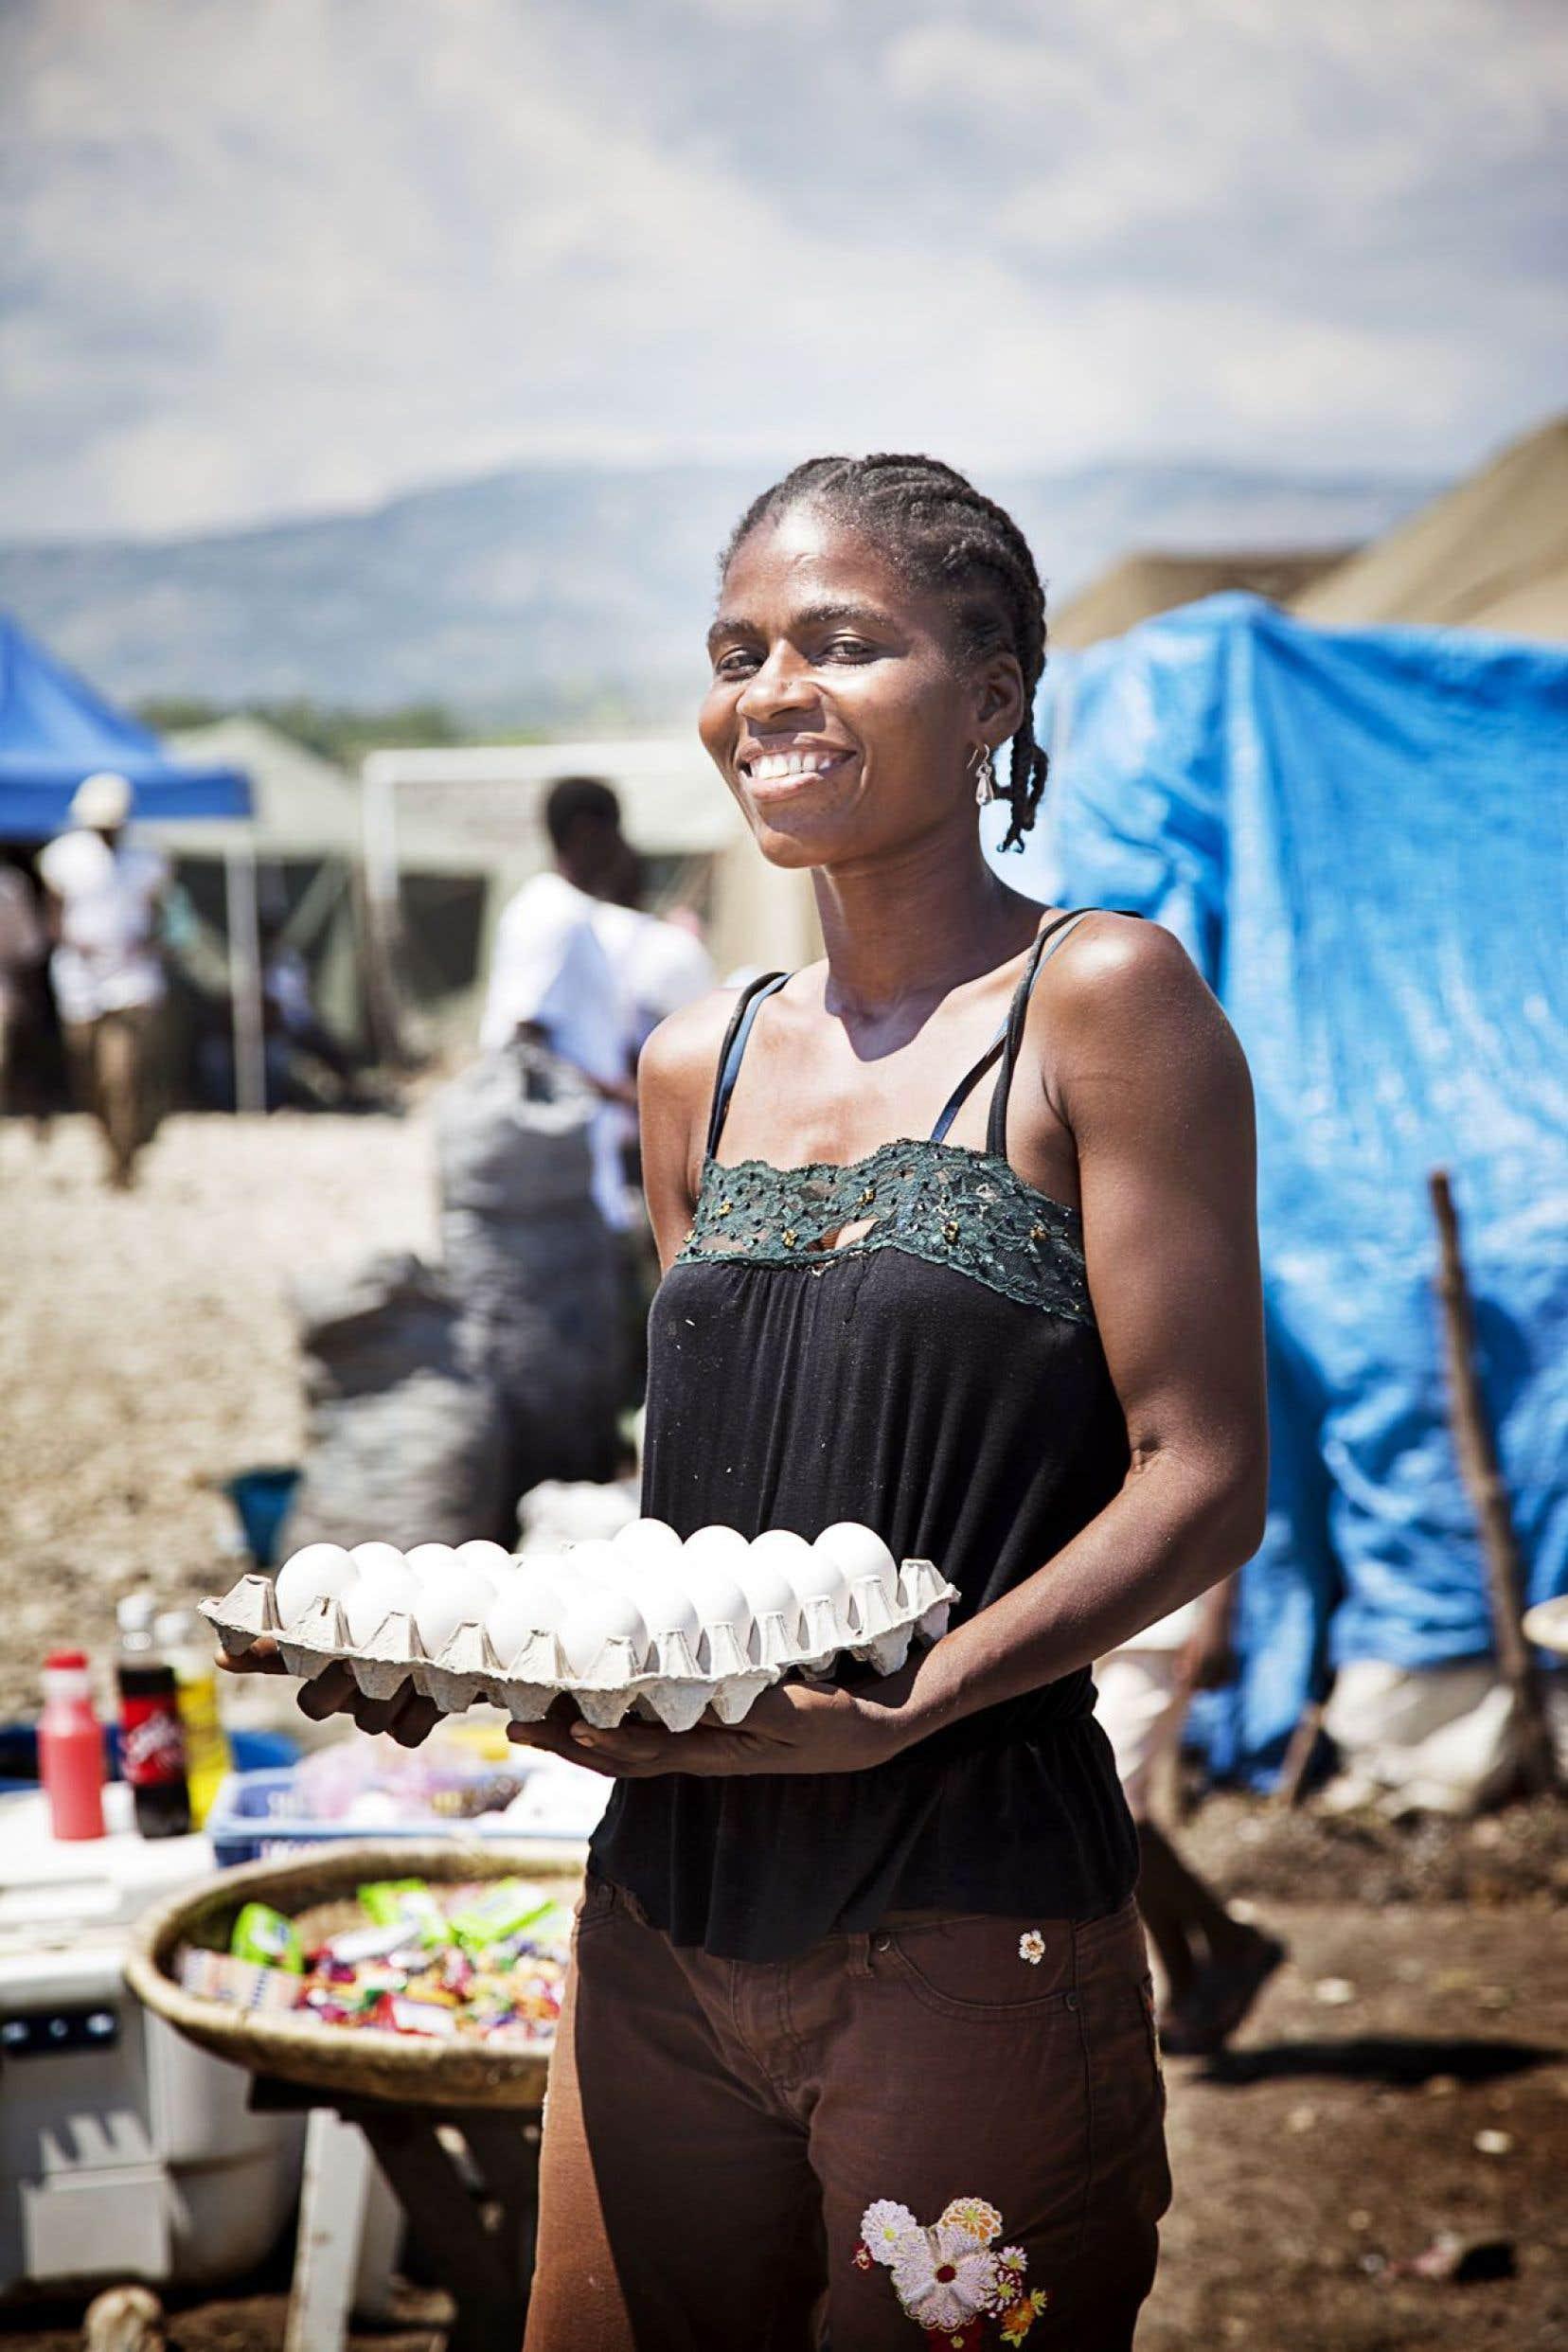 L'Organisation de coopération et de développement économiques (OCDE) a recommandé en 2011 l'adoption de plusieurs politiques publiques qui pourraient aider les femmes.